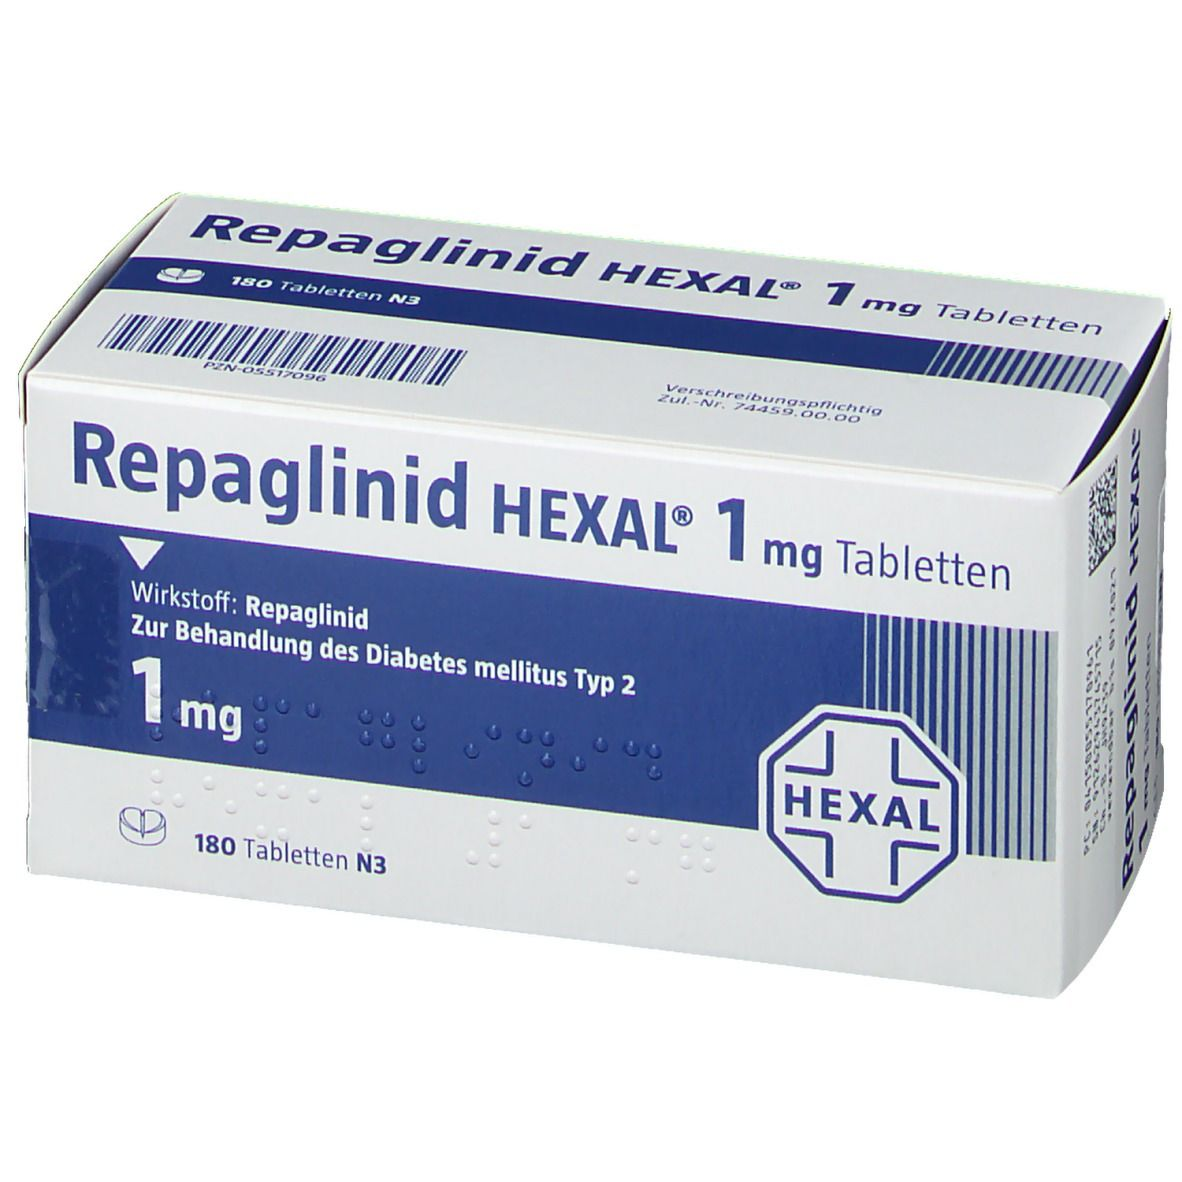 Repaglinid HEXAL® 1 mg Tabletten